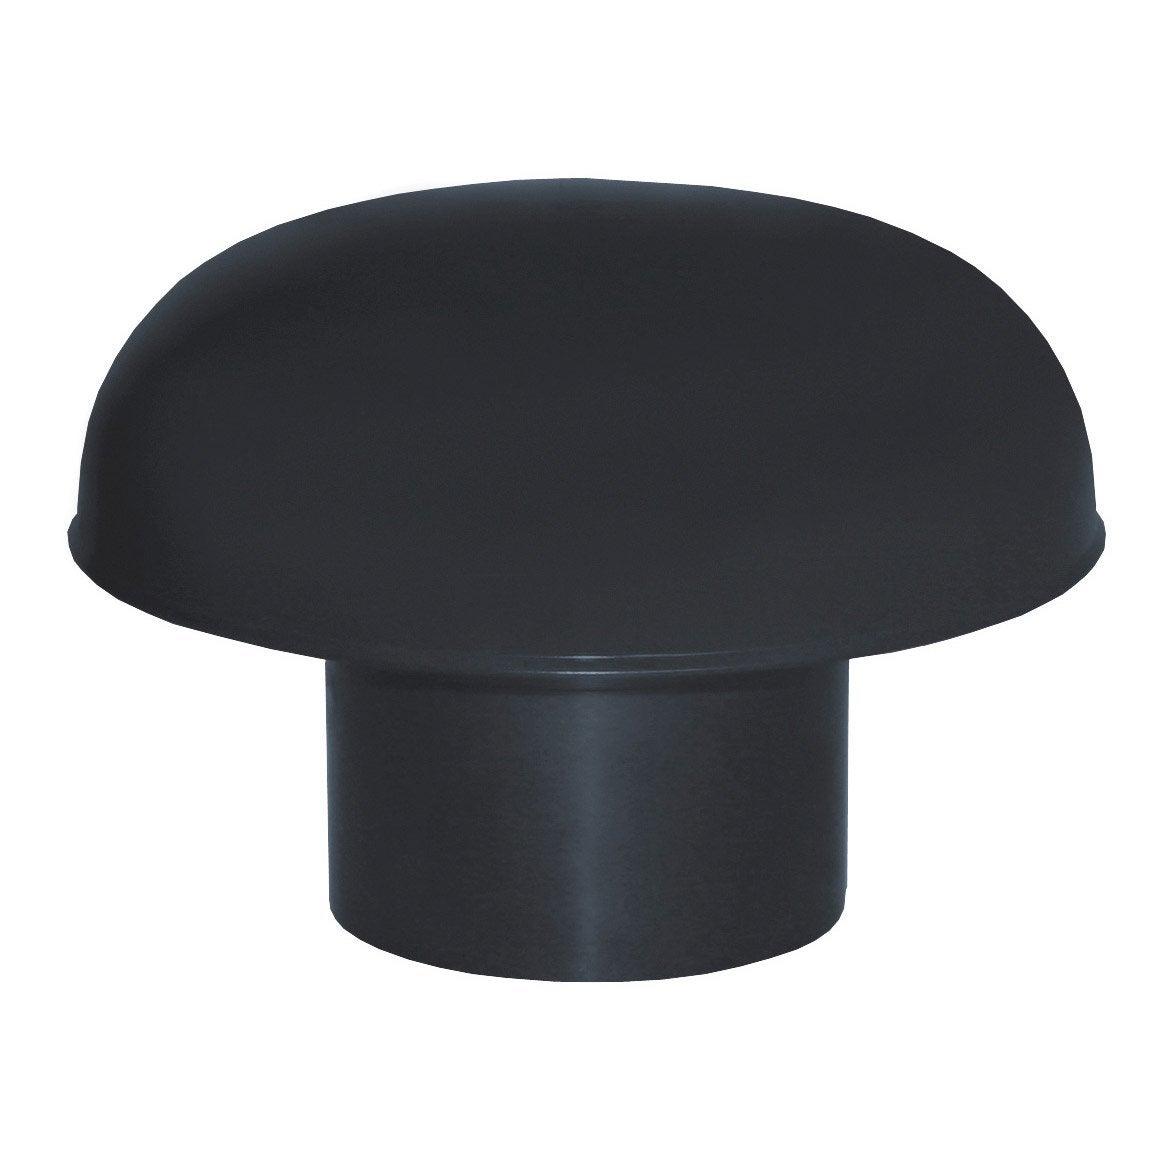 Chapeau de ventilation pvc gris ardoise first plast diam - Fosse septique brico depot ...